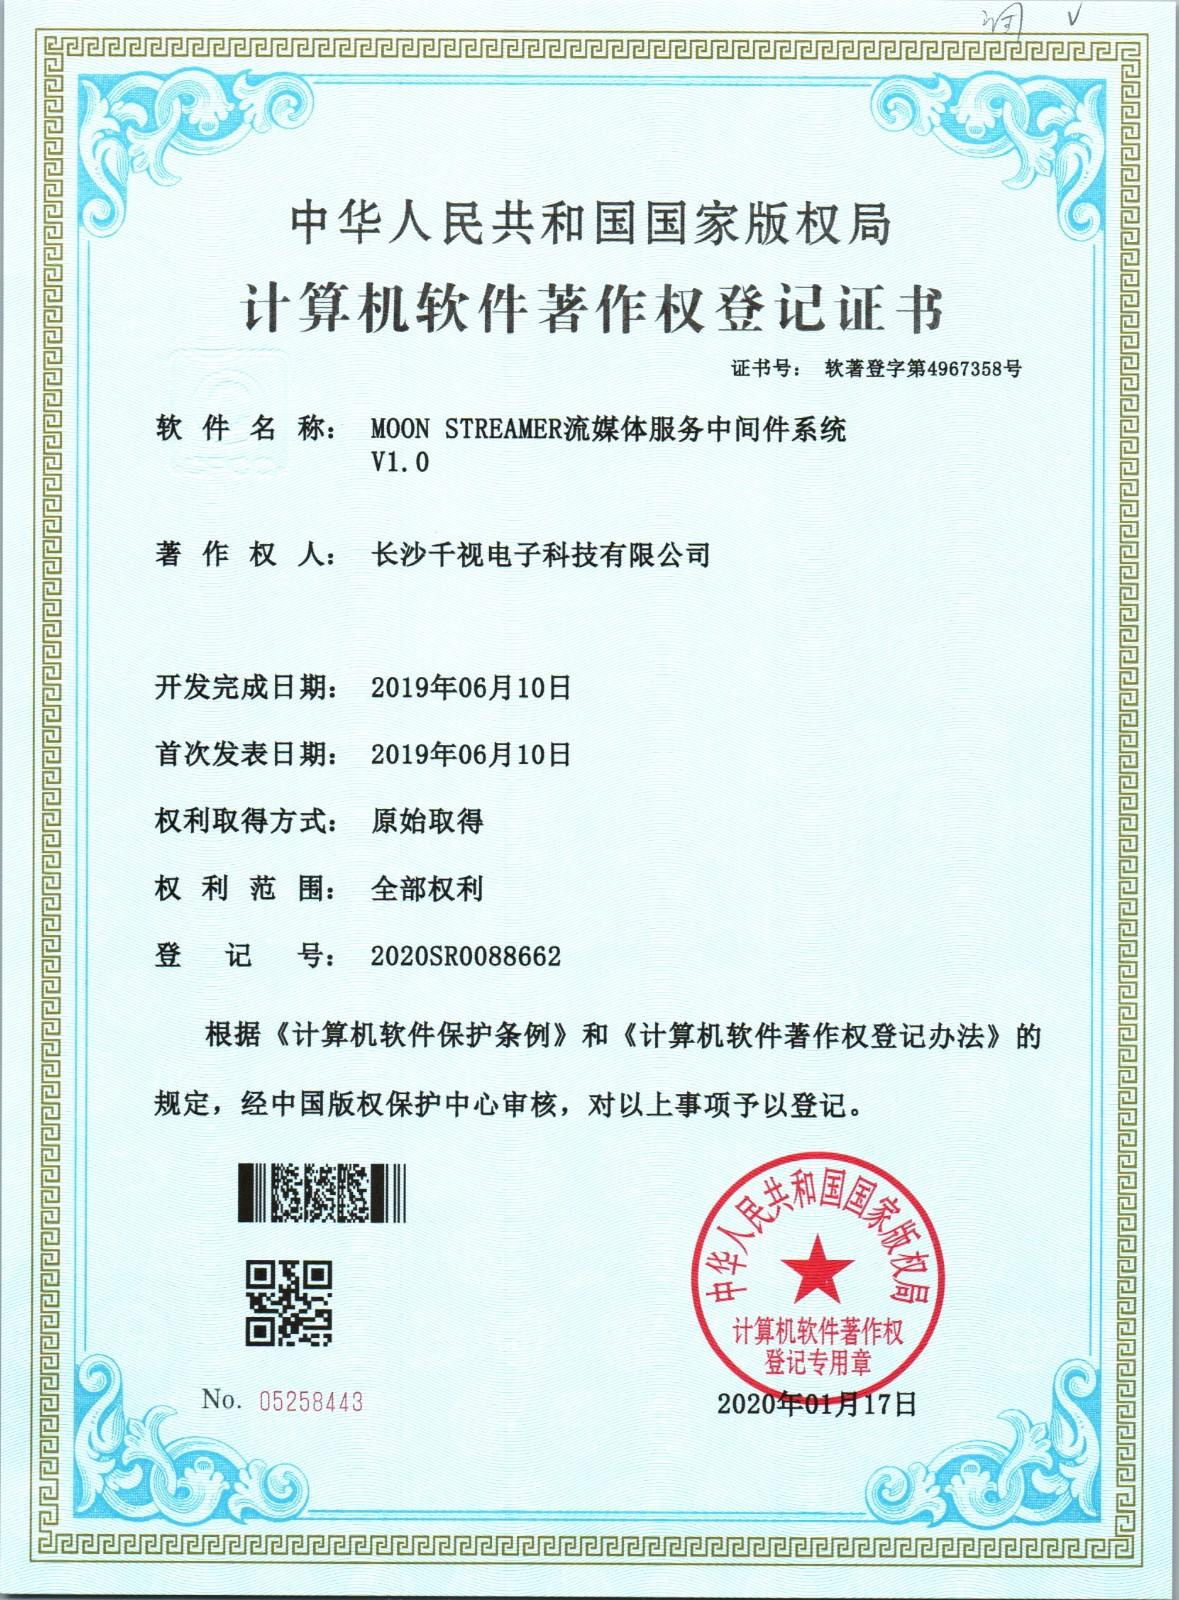 流媒体系统证书